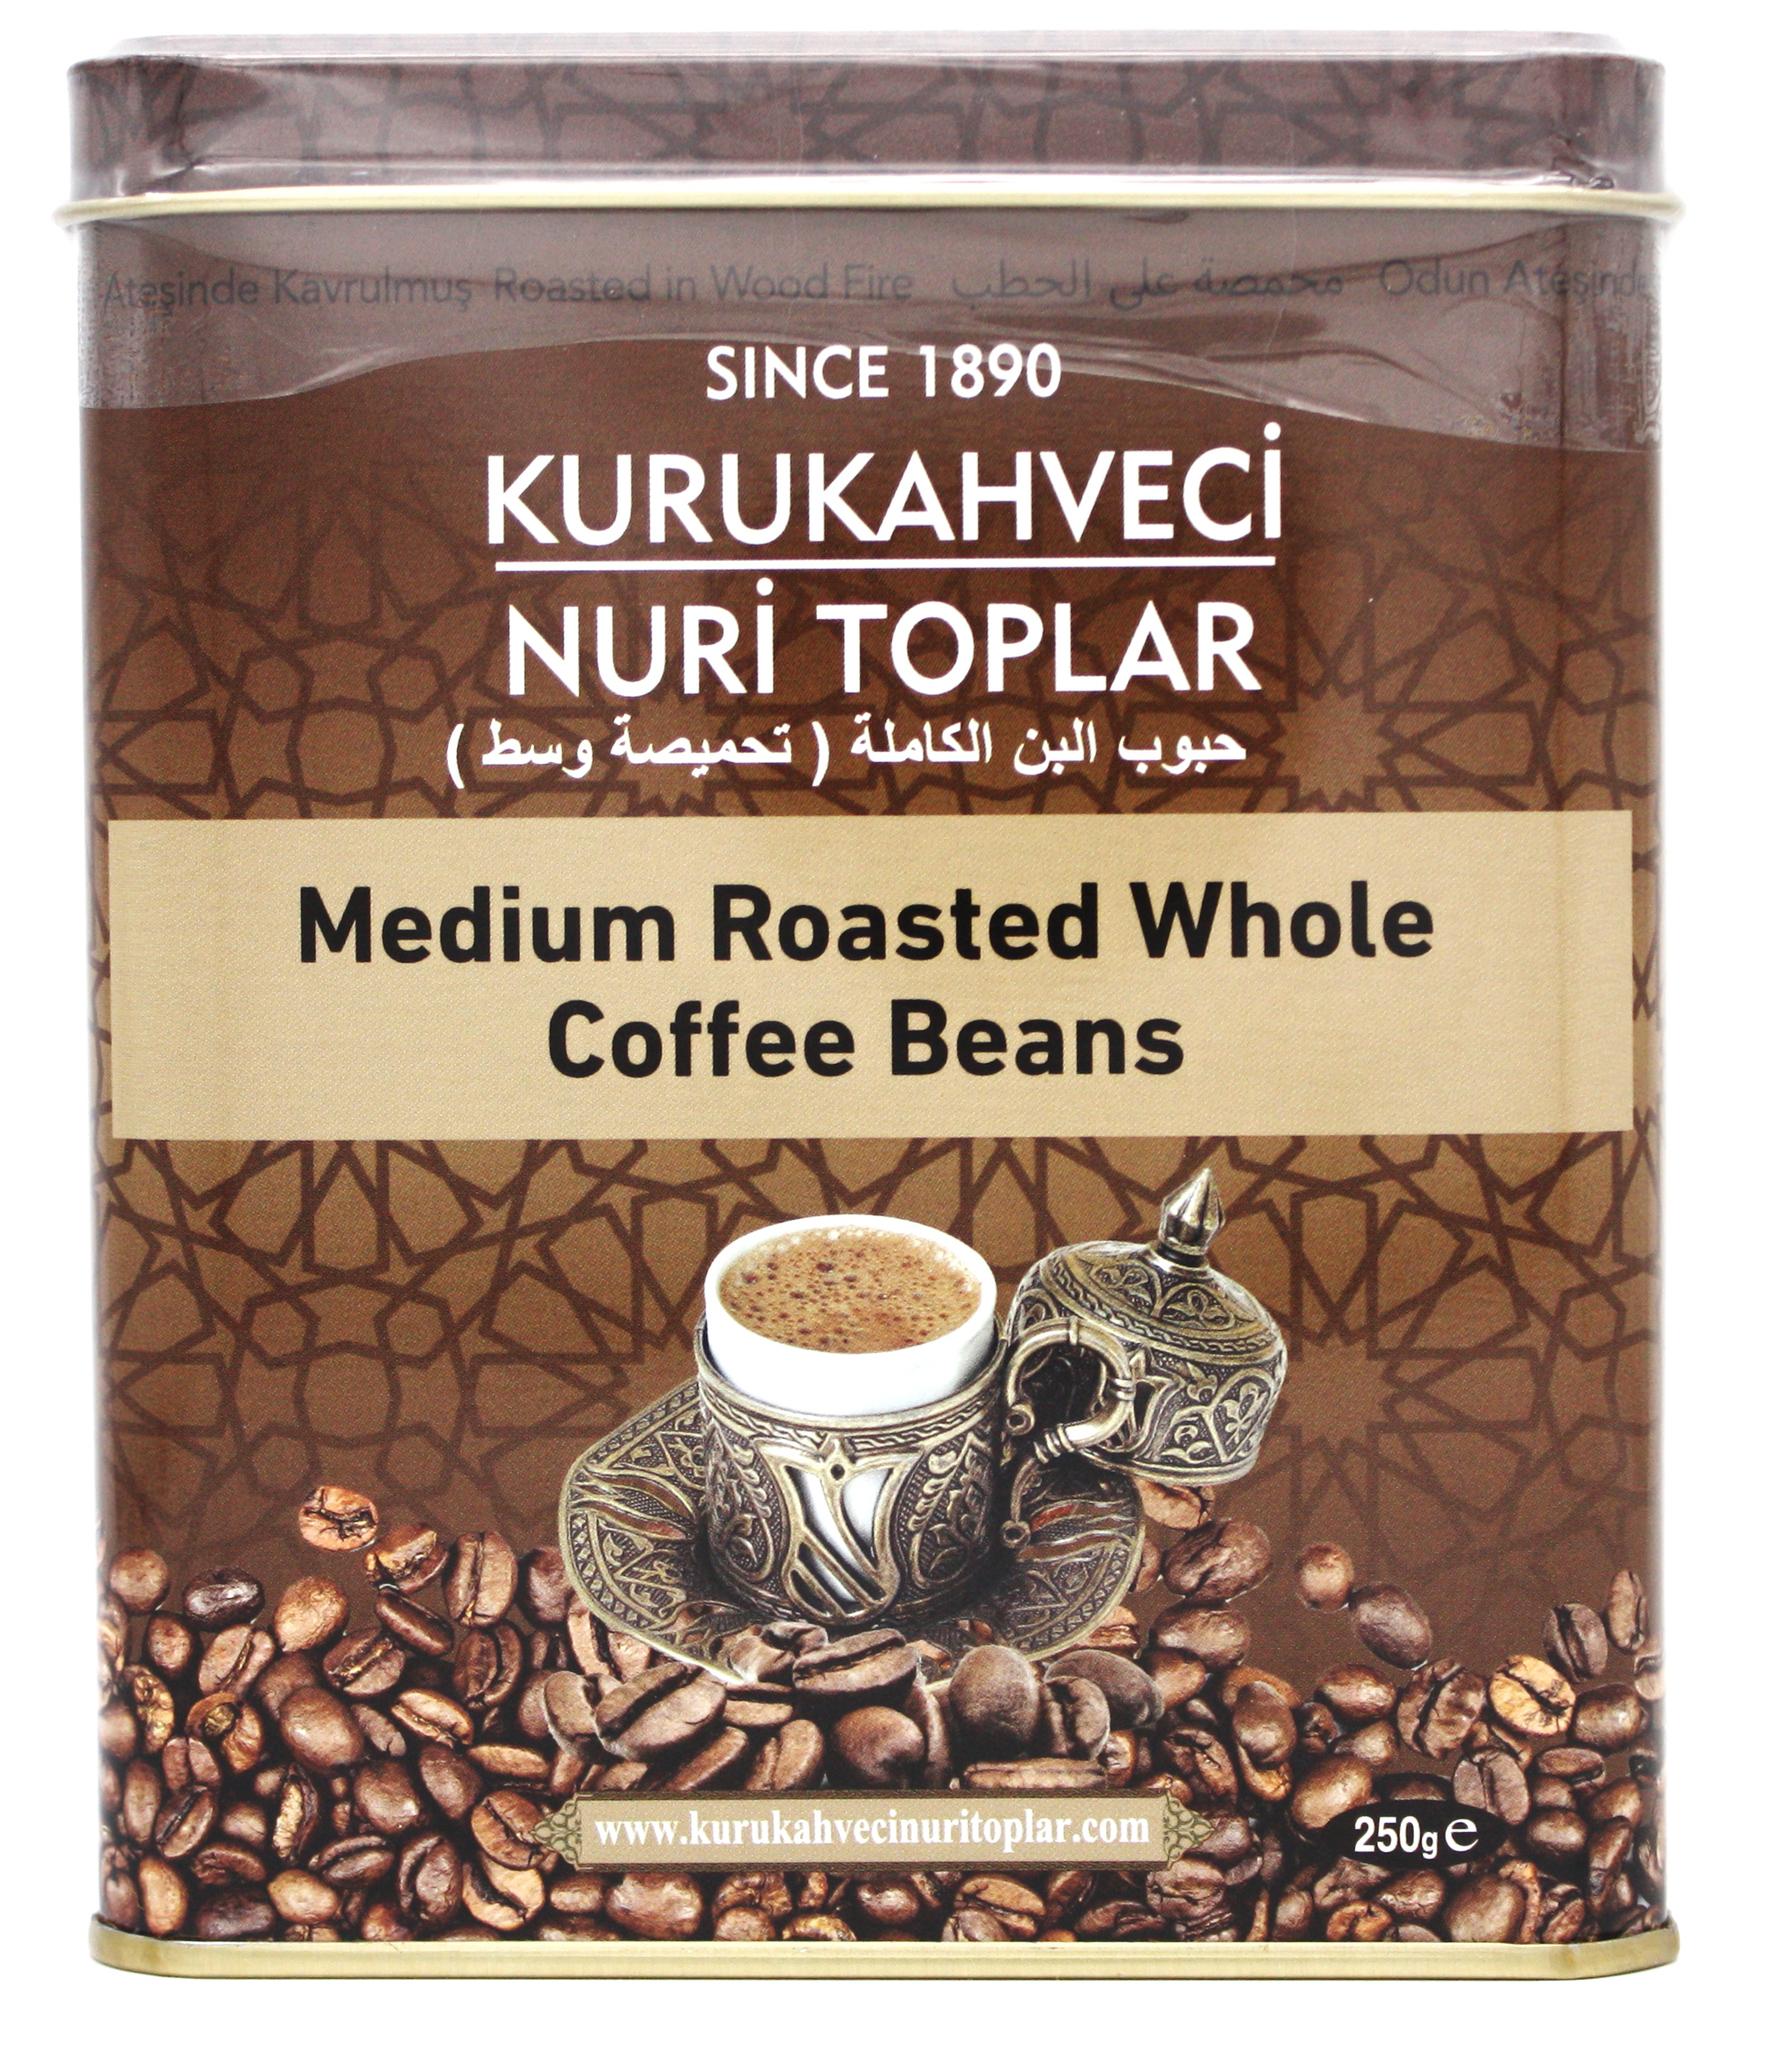 Кофе в зернах Турецкий кофе в зернах, Nuri Toplar Turkish, 250 г import_files_48_48a2def5d9e211e9a9b6484d7ecee297_c2b1d522ebee11e9a9b7484d7ecee297.jpg